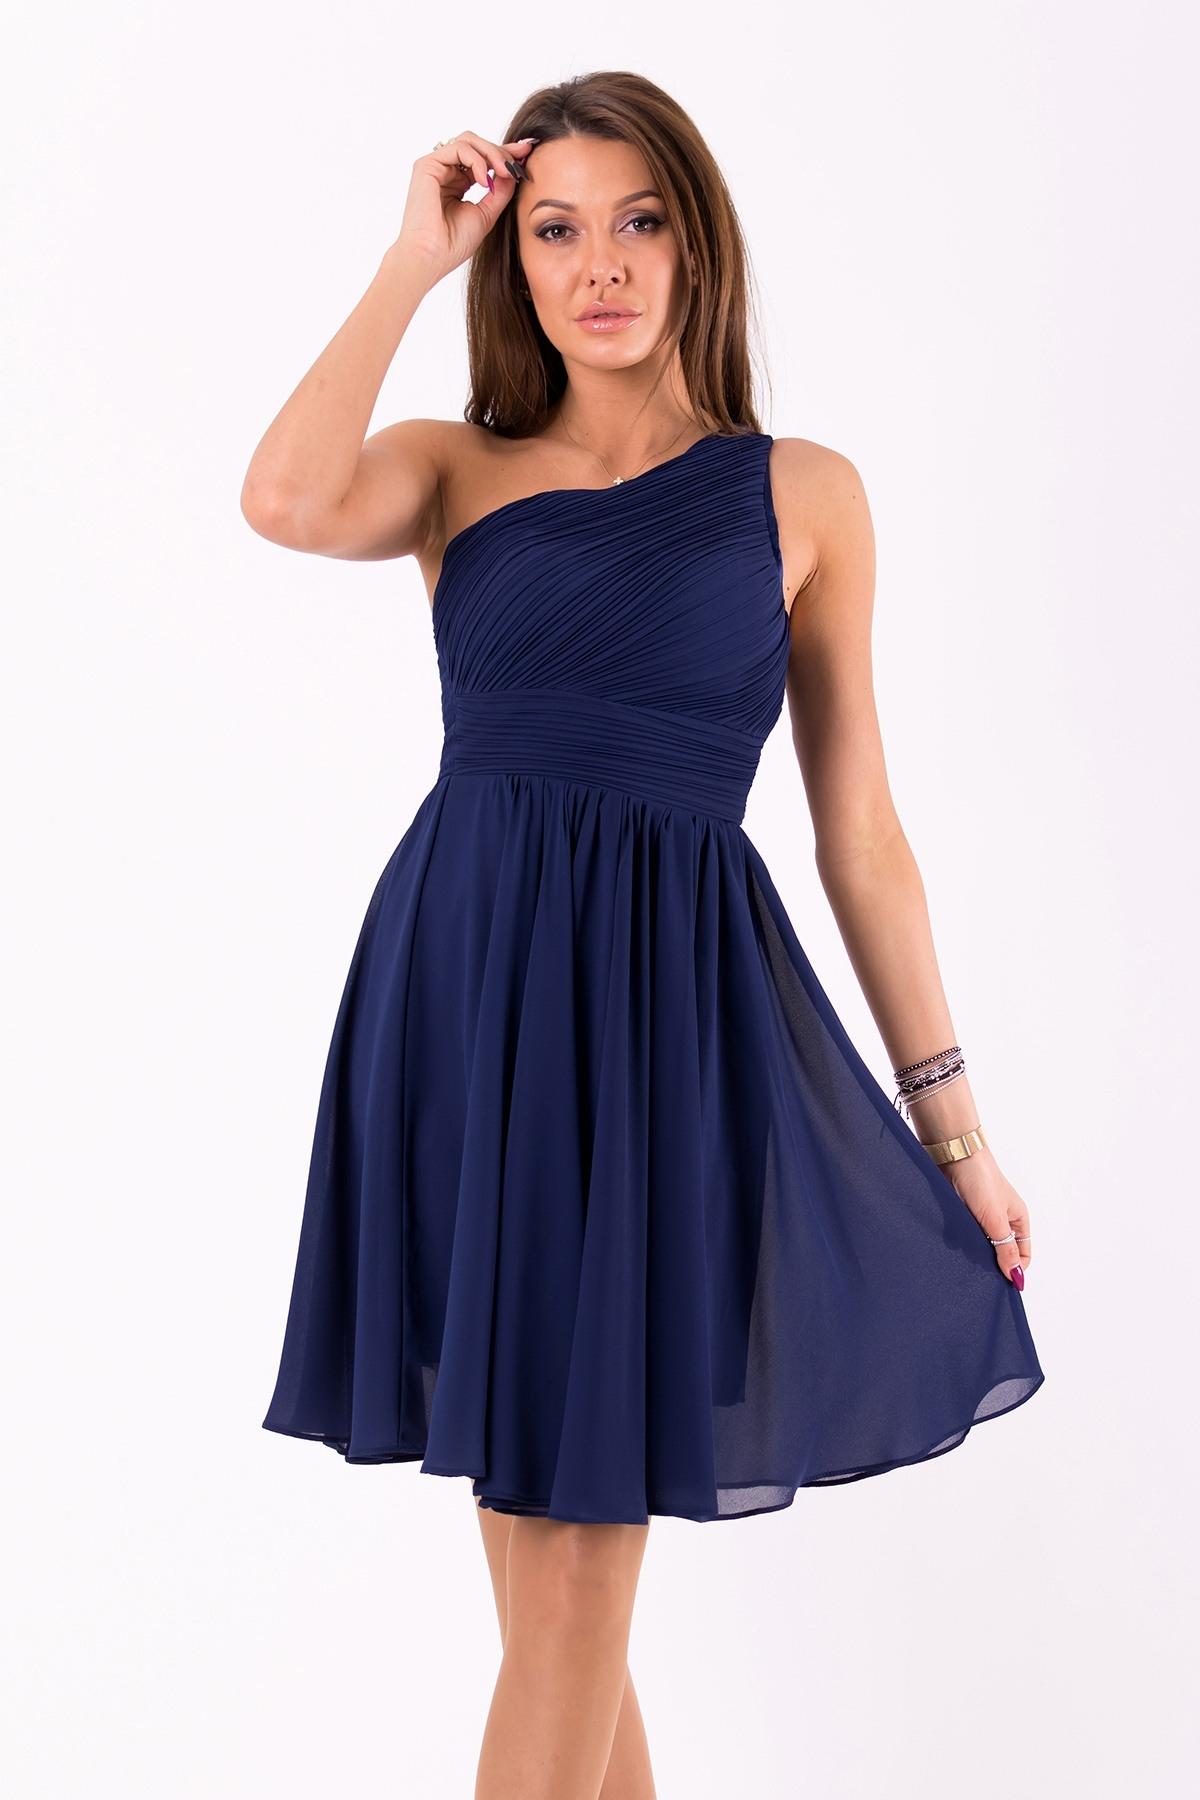 20 Einfach Kleid Marineblau Stylish Ausgezeichnet Kleid Marineblau Bester Preis